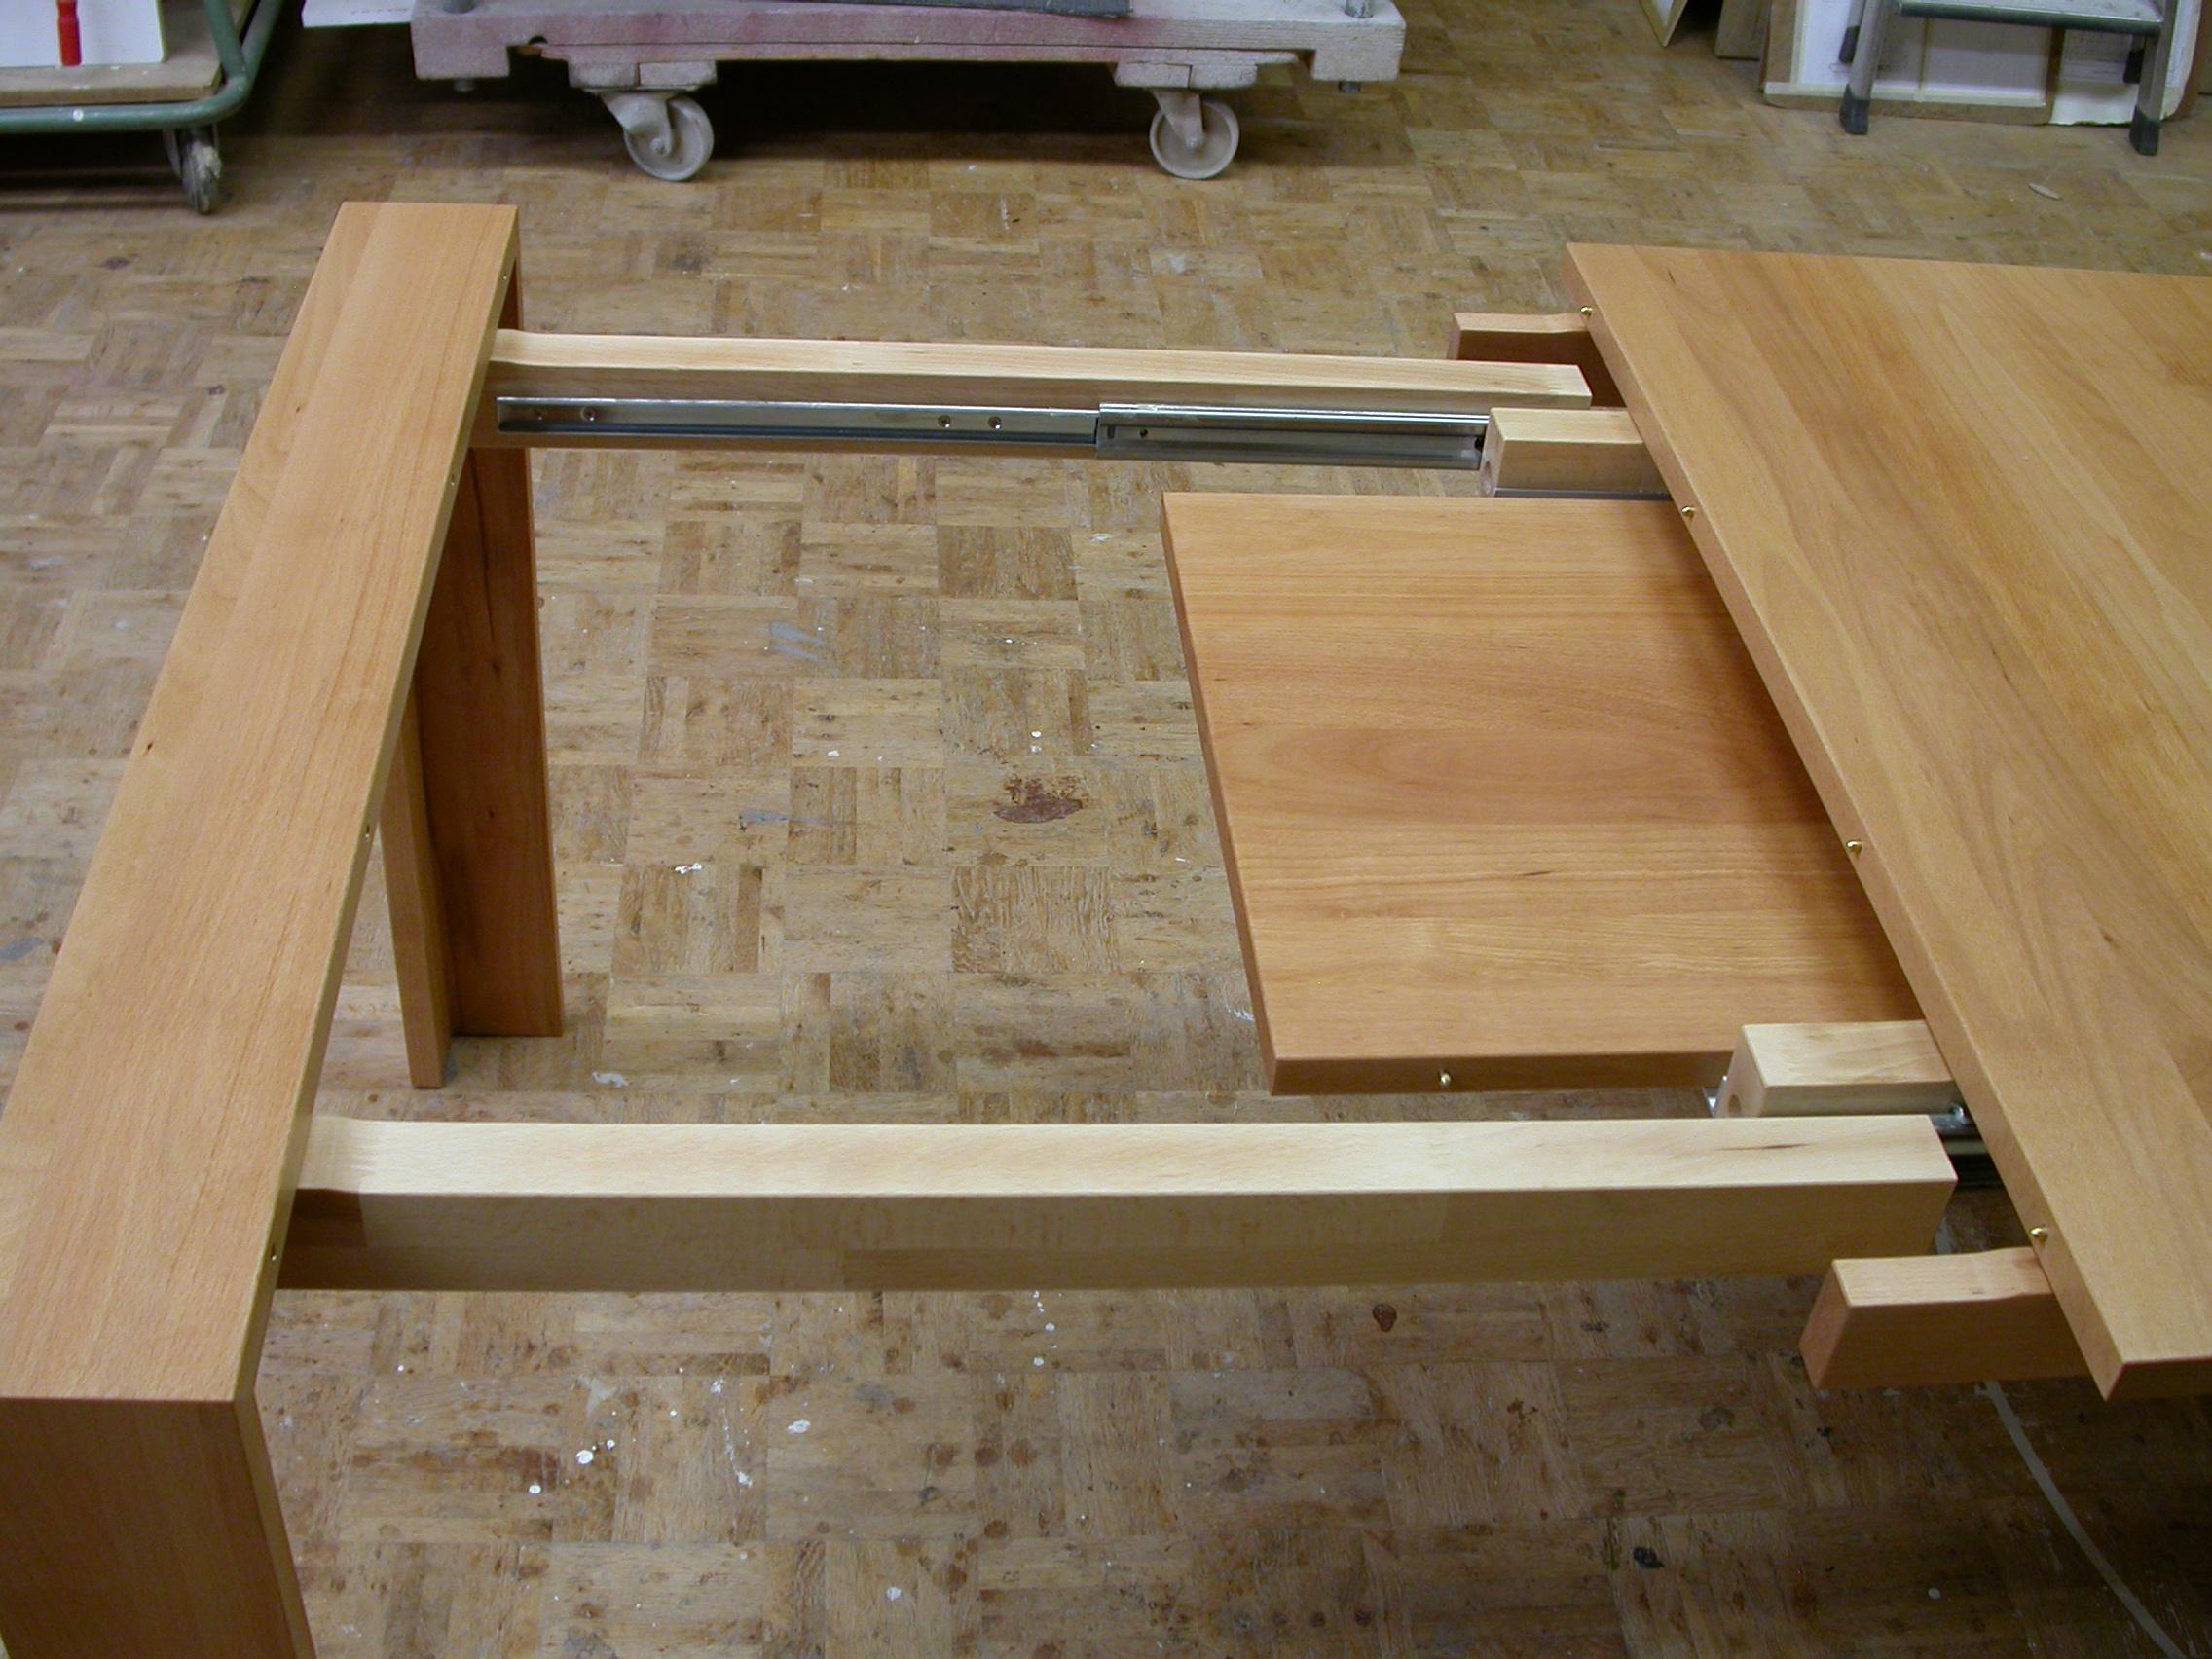 tische und b nke. Black Bedroom Furniture Sets. Home Design Ideas